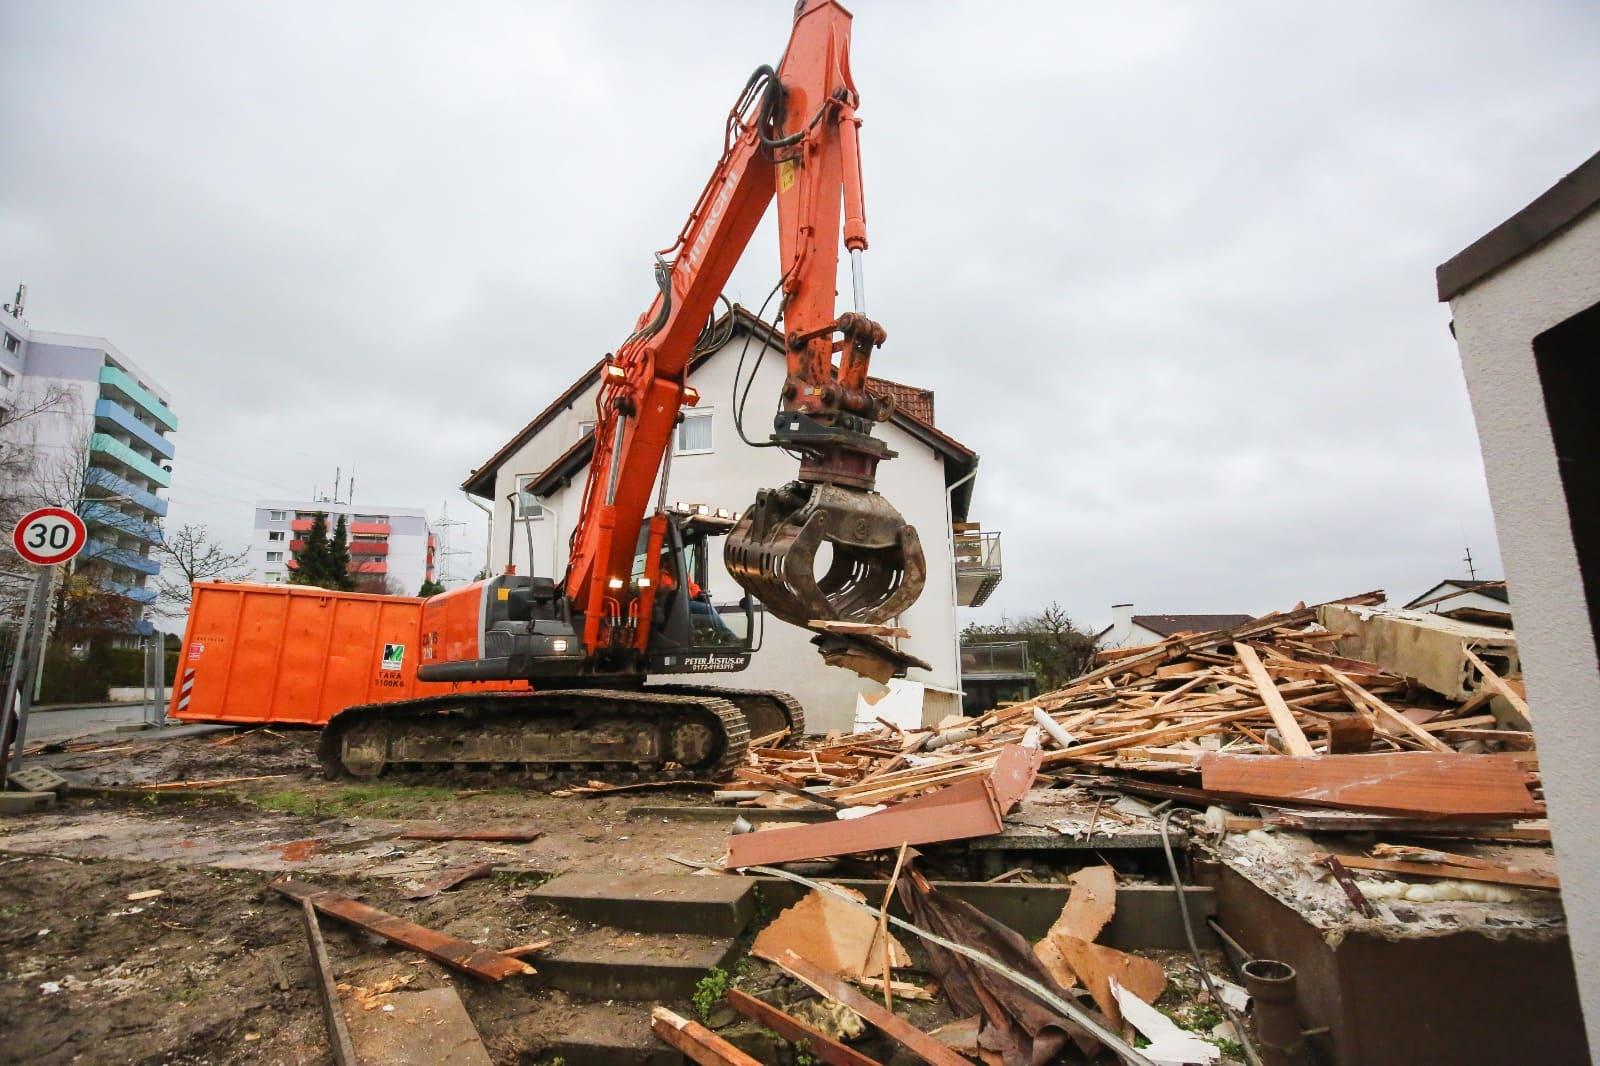 Die Firma Brück GmbH bei Gießen ist Ihr Experte im Bereich Abriss und Demontage. Von kleinen Objekten bis zu großen Industriehallen.